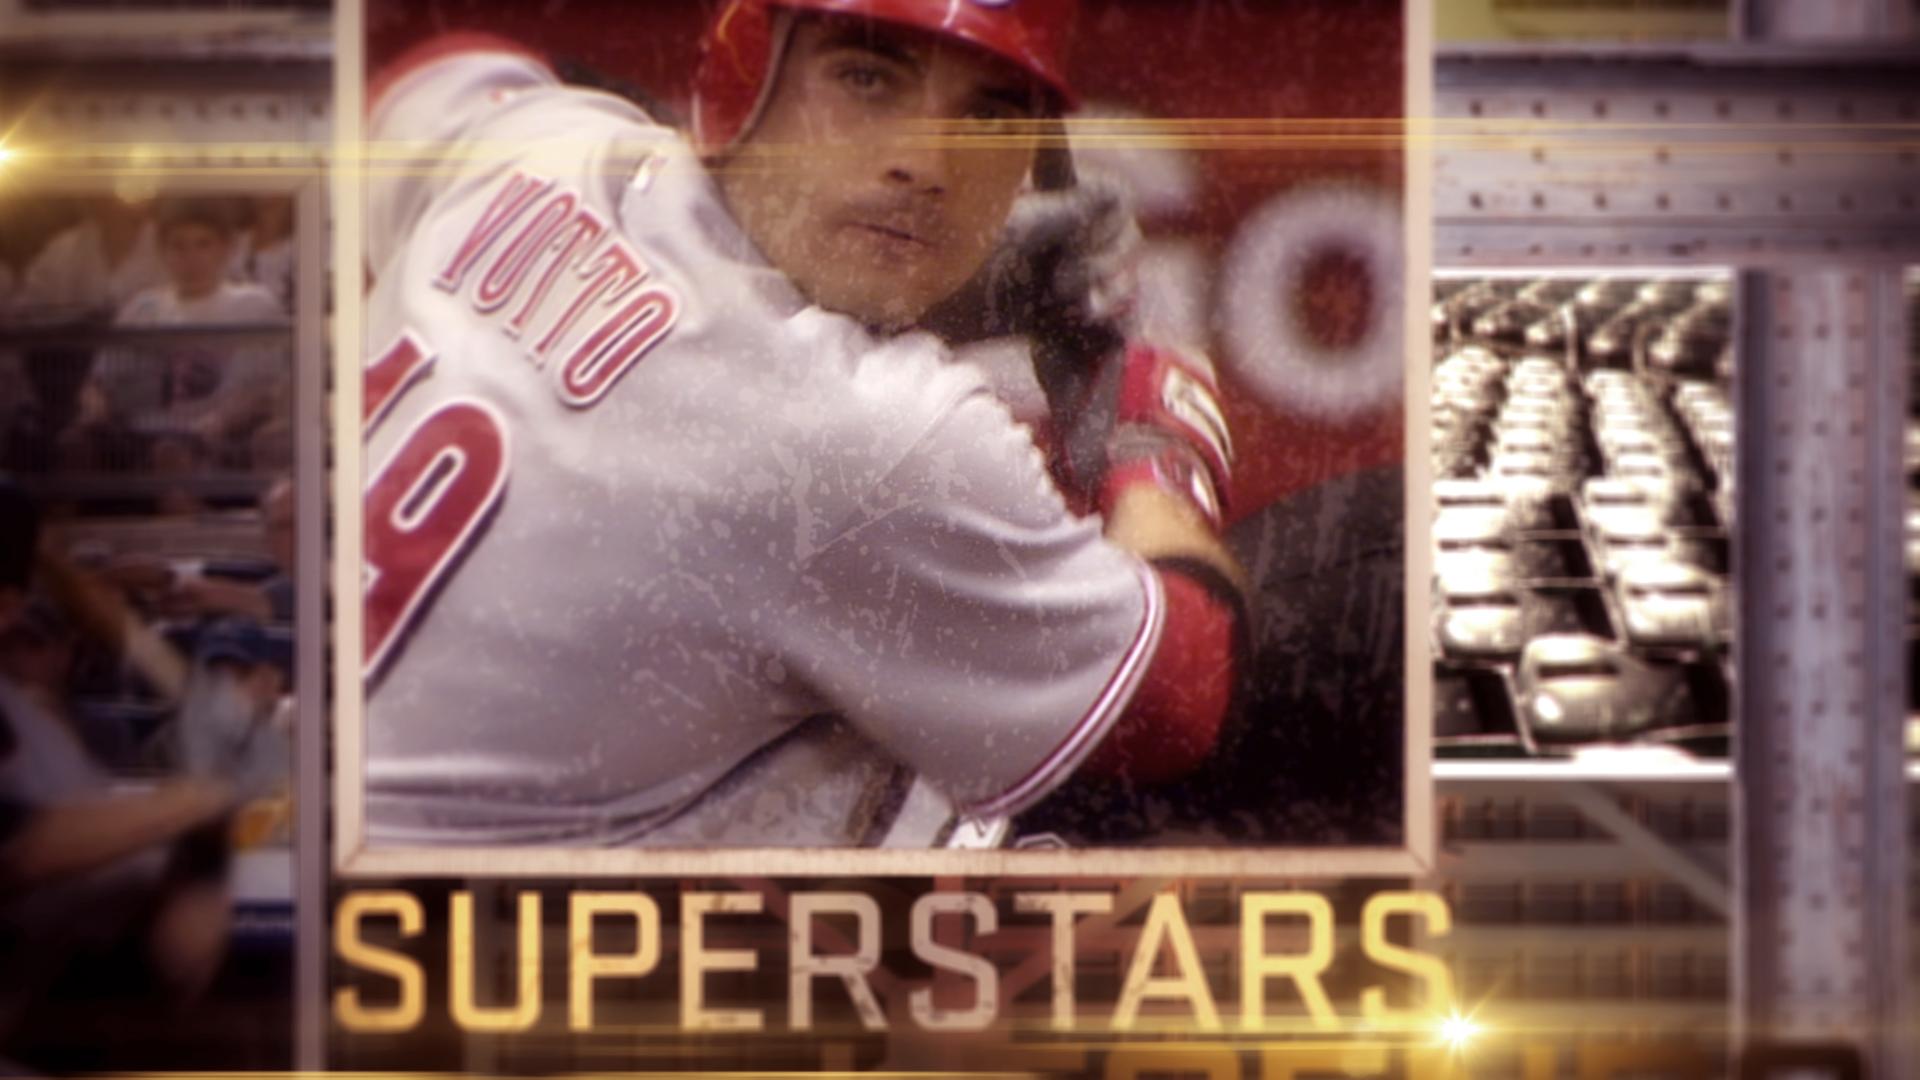 MLB_WDTG_Frame_04_01.jpg